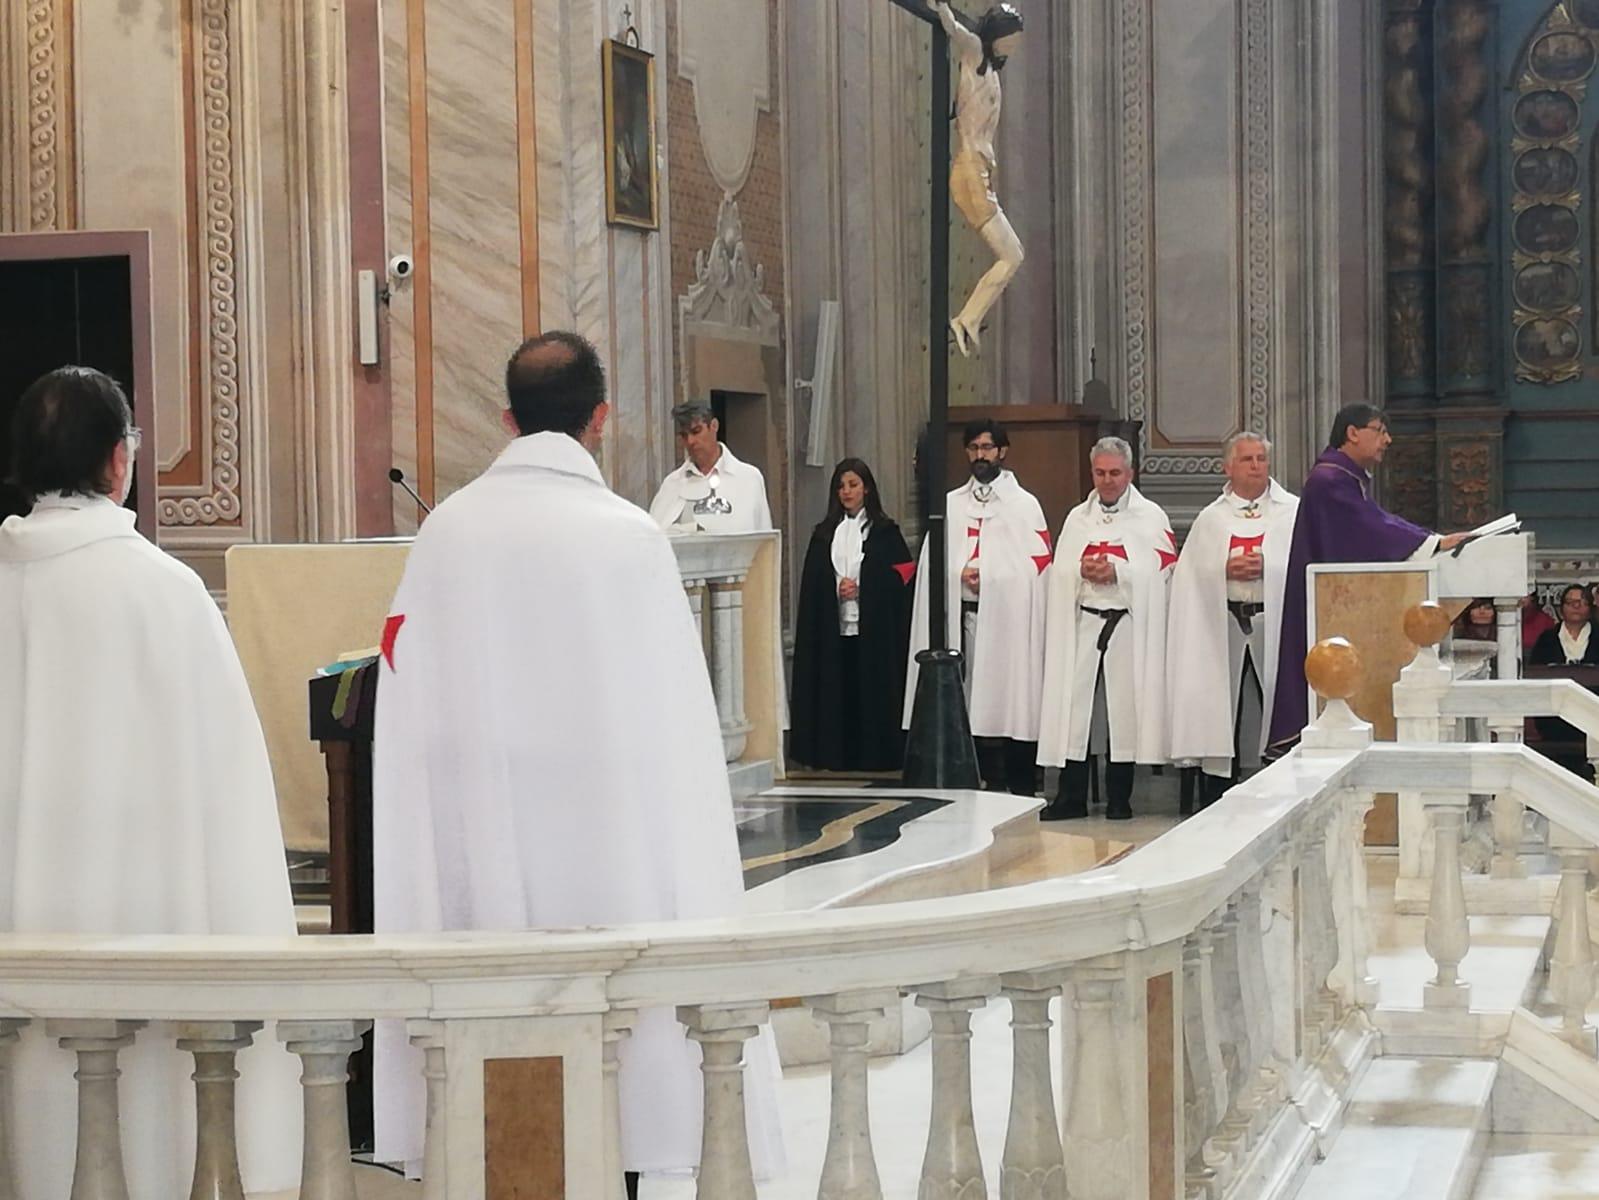 Santa Messa presso la Basilica di Sant' Elena a Quartu Sant'Elena – Cagliari